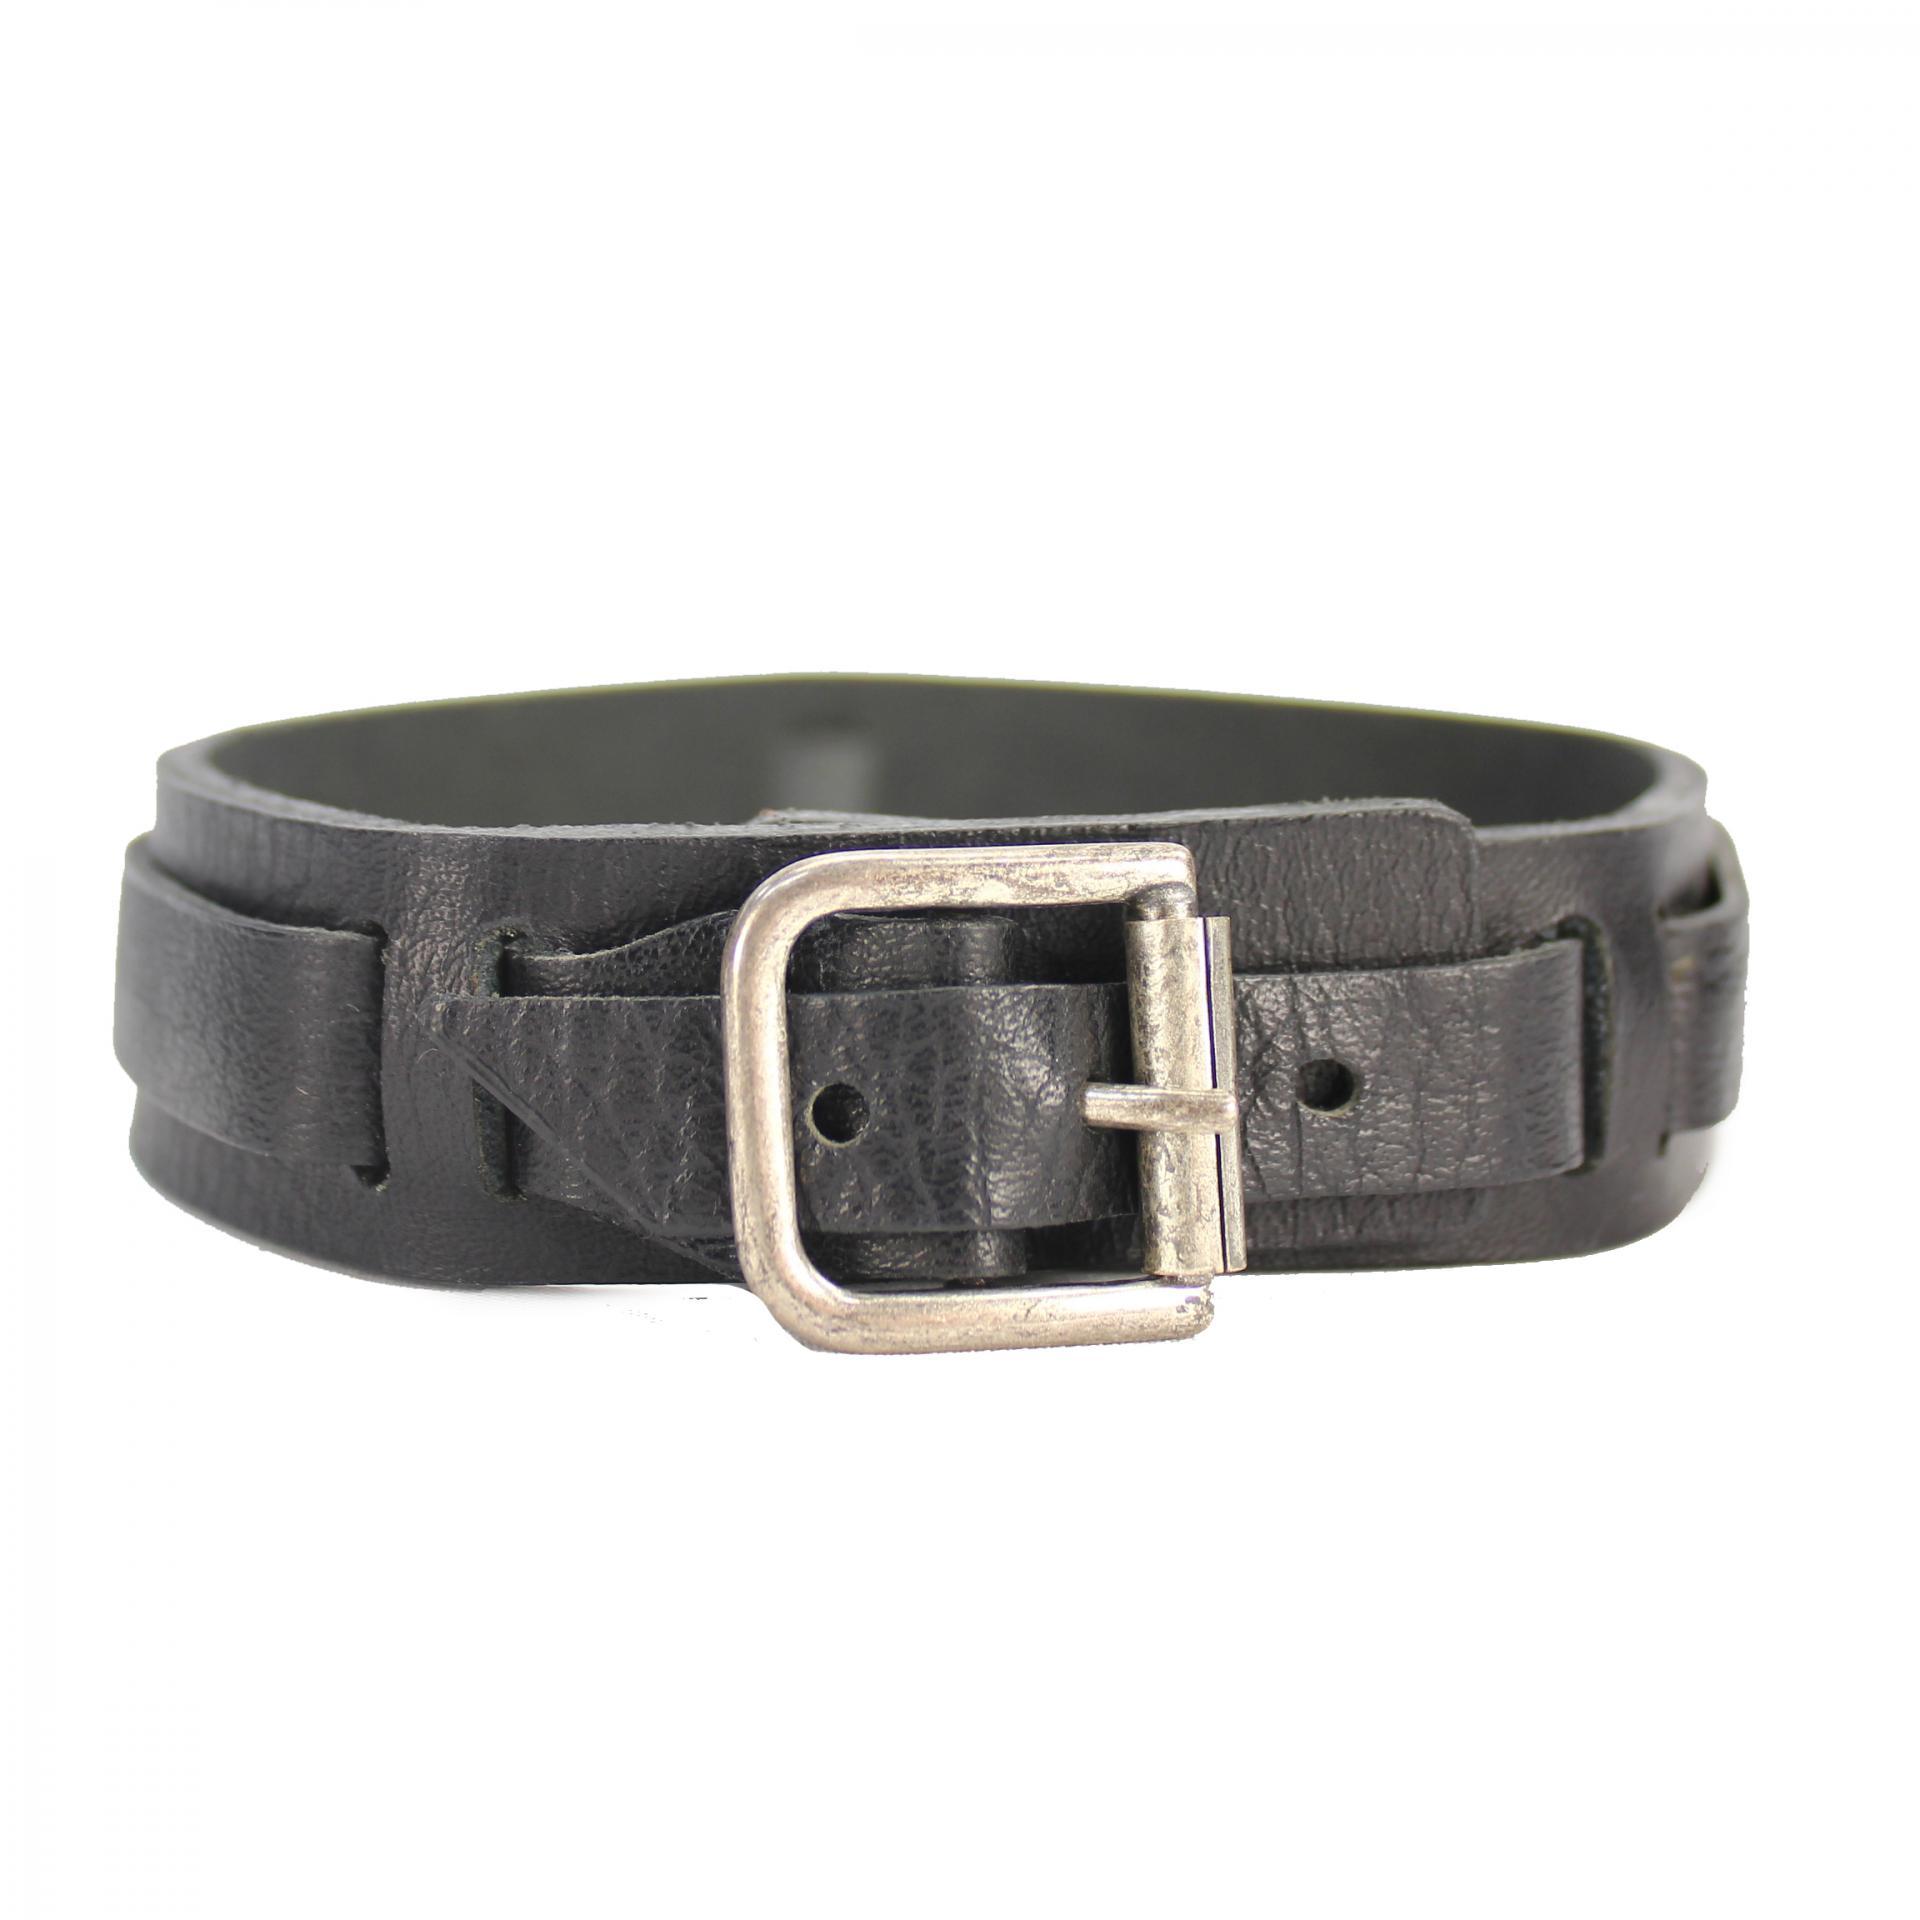 DC-bateau-Belt-Silver-Buckle-Noir-Taille-Unique-ceinture-accesoire-Bottes-Unisexe